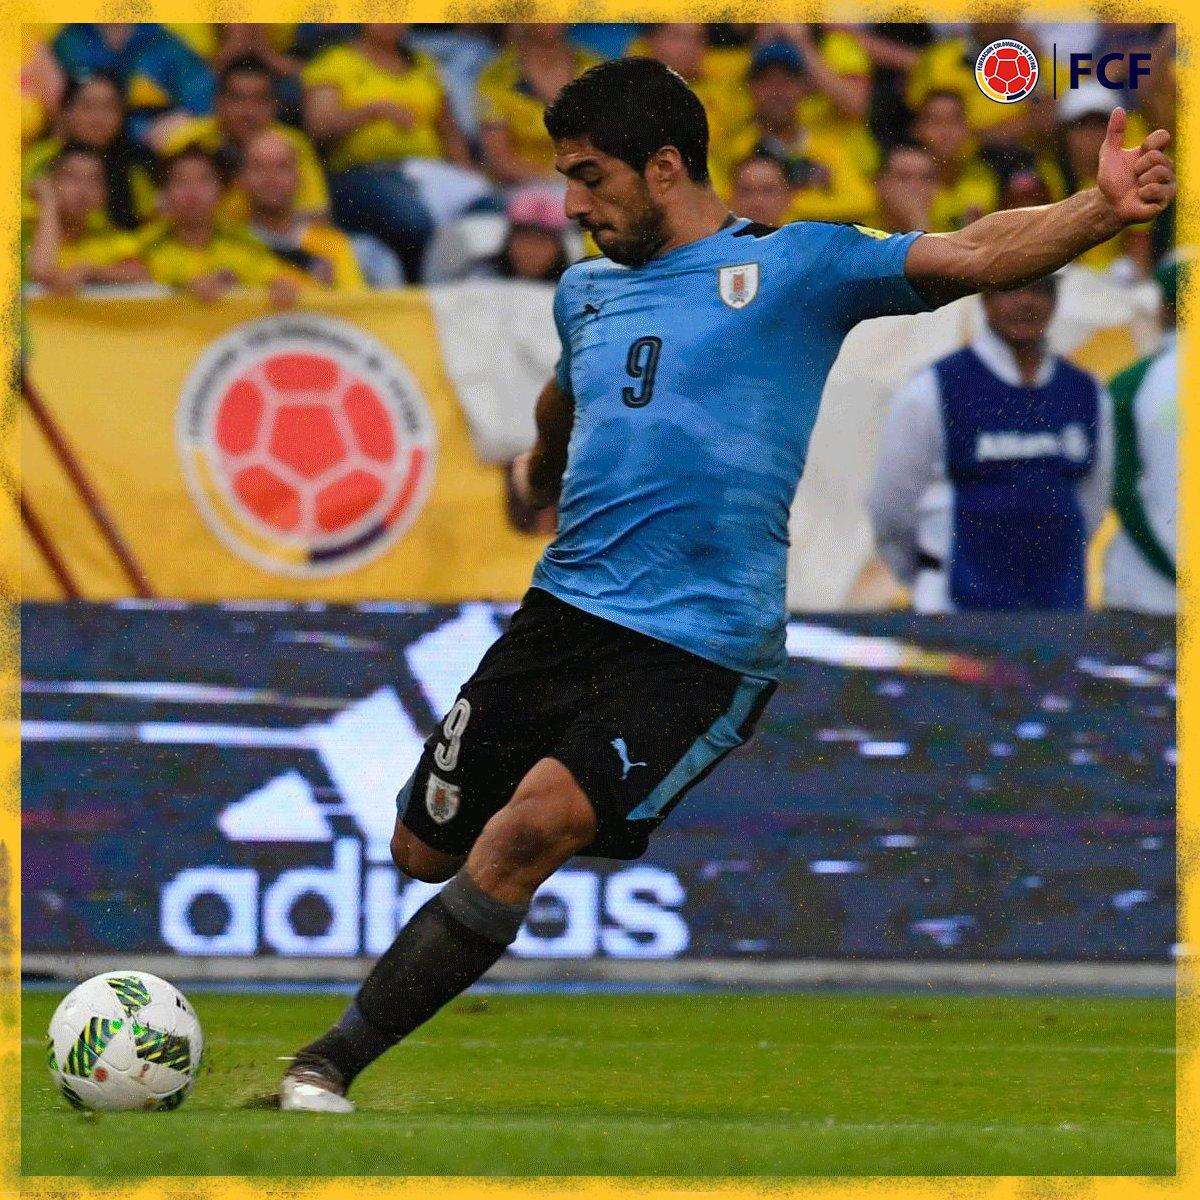 Gol de Uruguay  Luis Suárez marcó el segundo para su selección.  🇨🇴1⃣-2⃣🇺🇾  #EnModoEliminatorias #ViveElGolCaracol https://t.co/B8VVT6qAoC